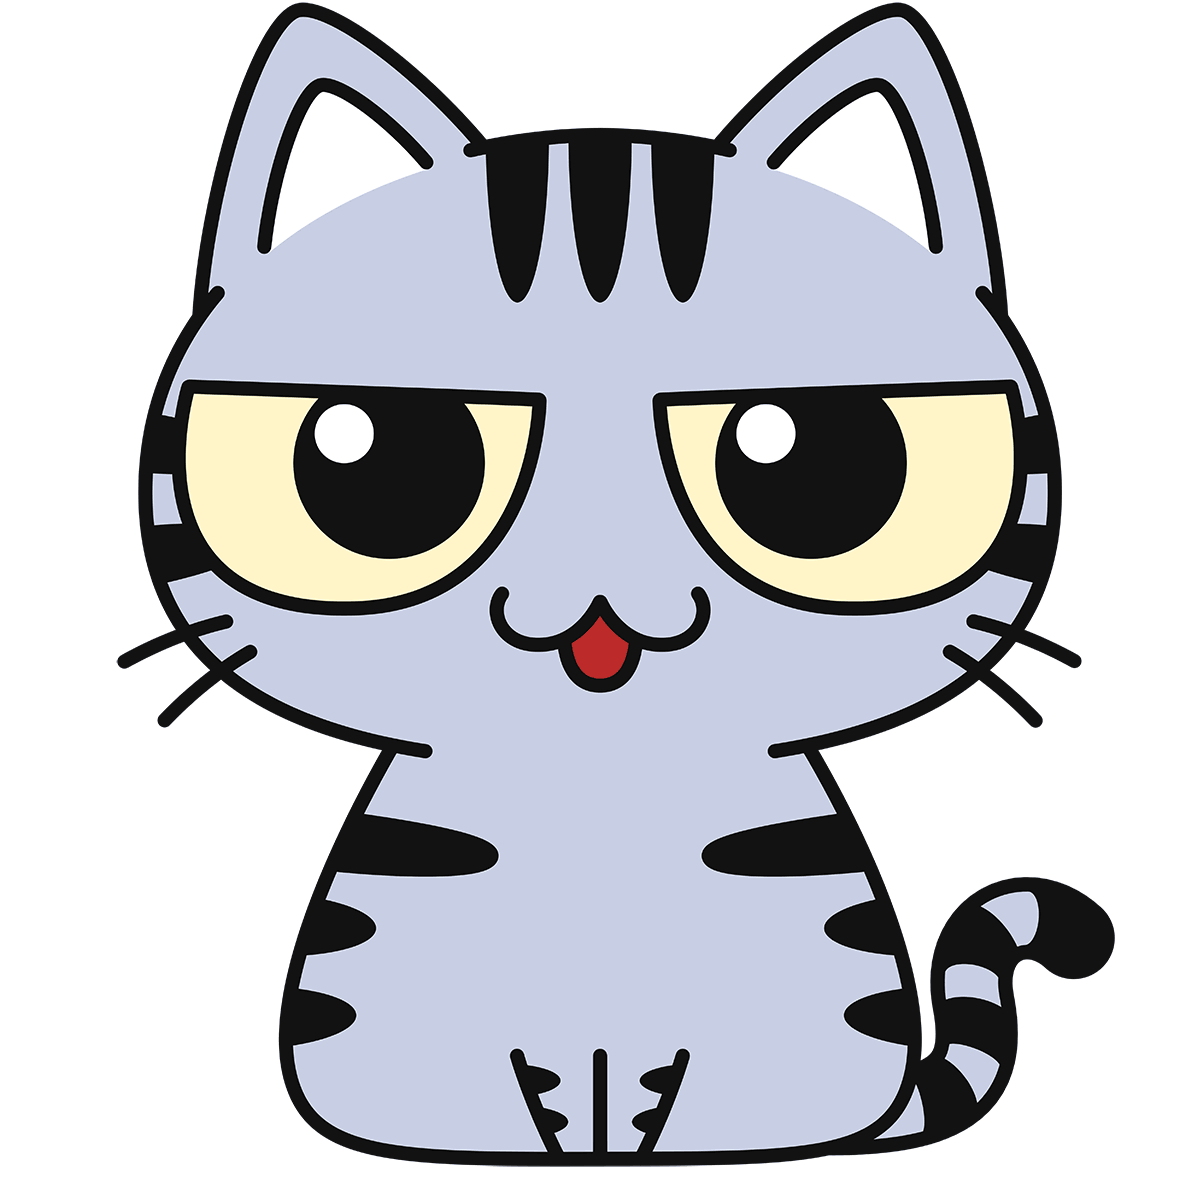 サバトラ猫(話す)の無料イラスト